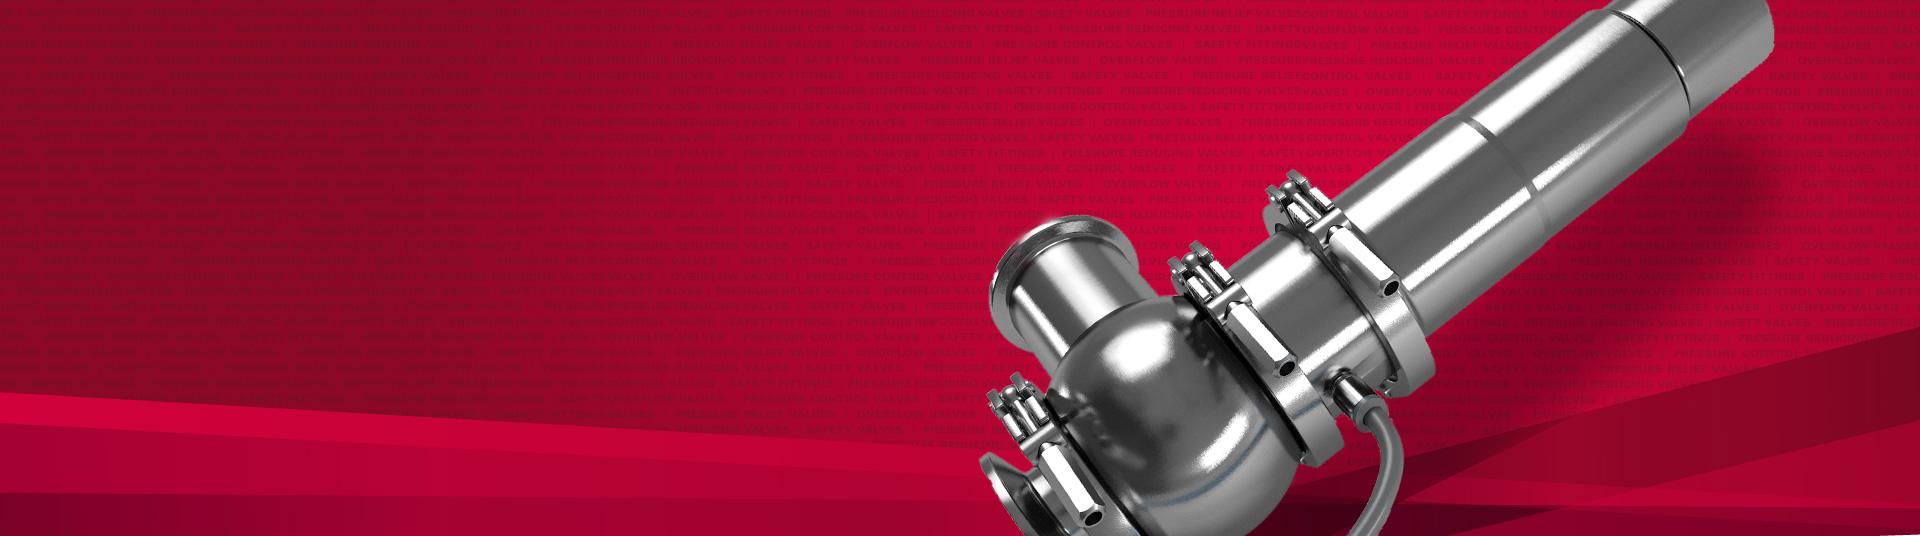 Válvulas de segurança e acessórios de alto desempenho